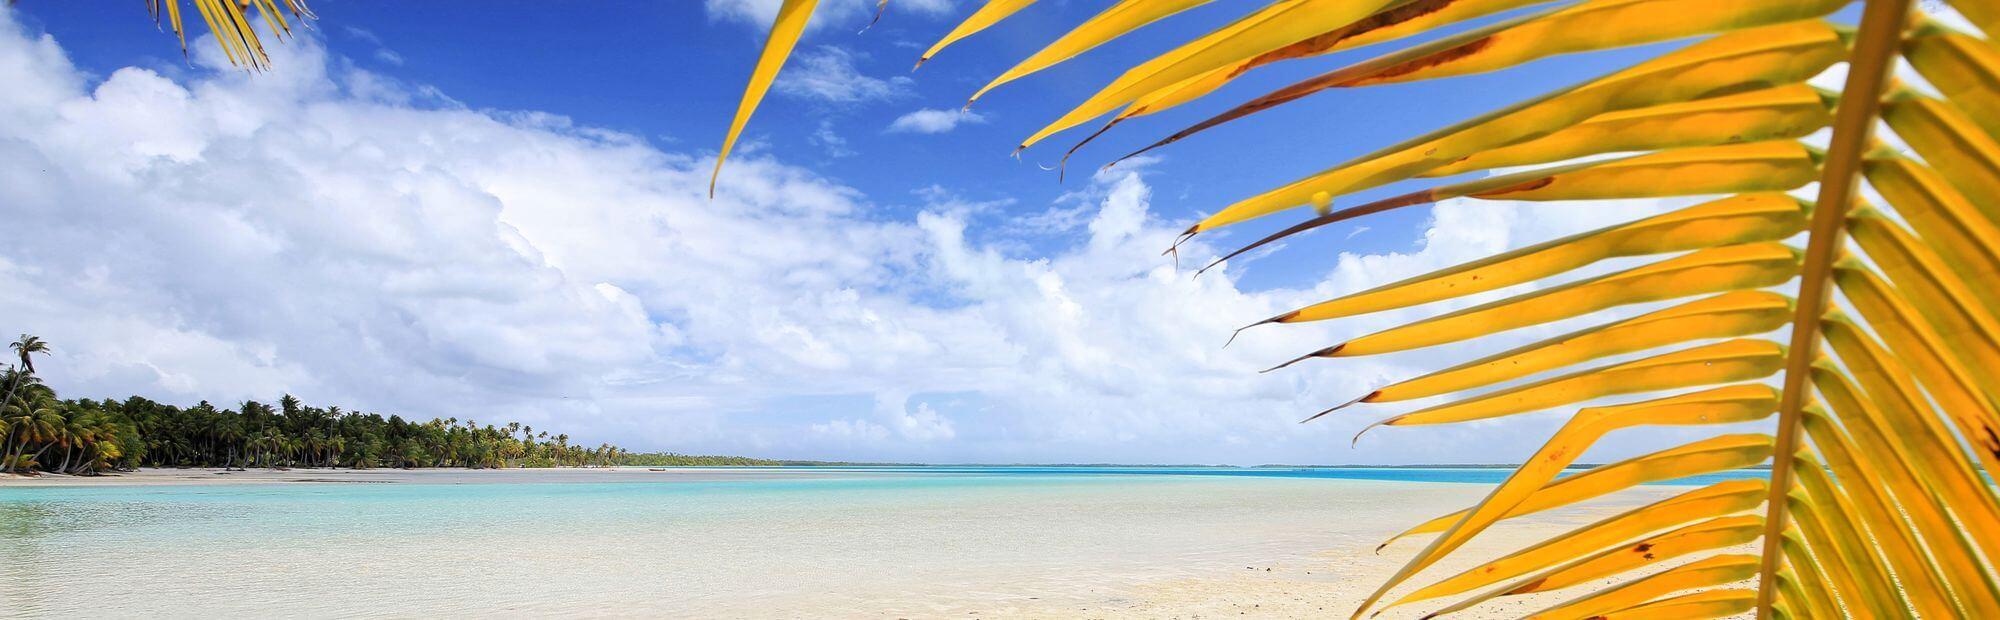 voyage et séjour polynésie avec covid19